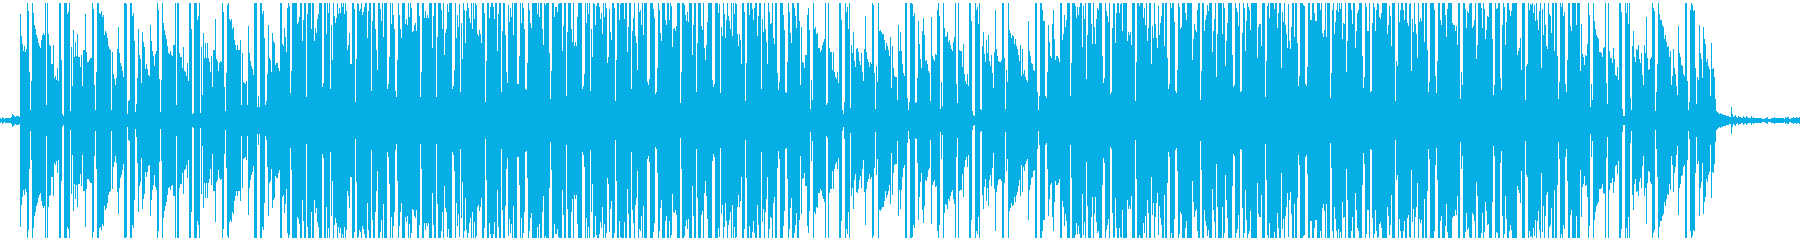 優しい雰囲気のローファイヒップホップの再生済みの波形